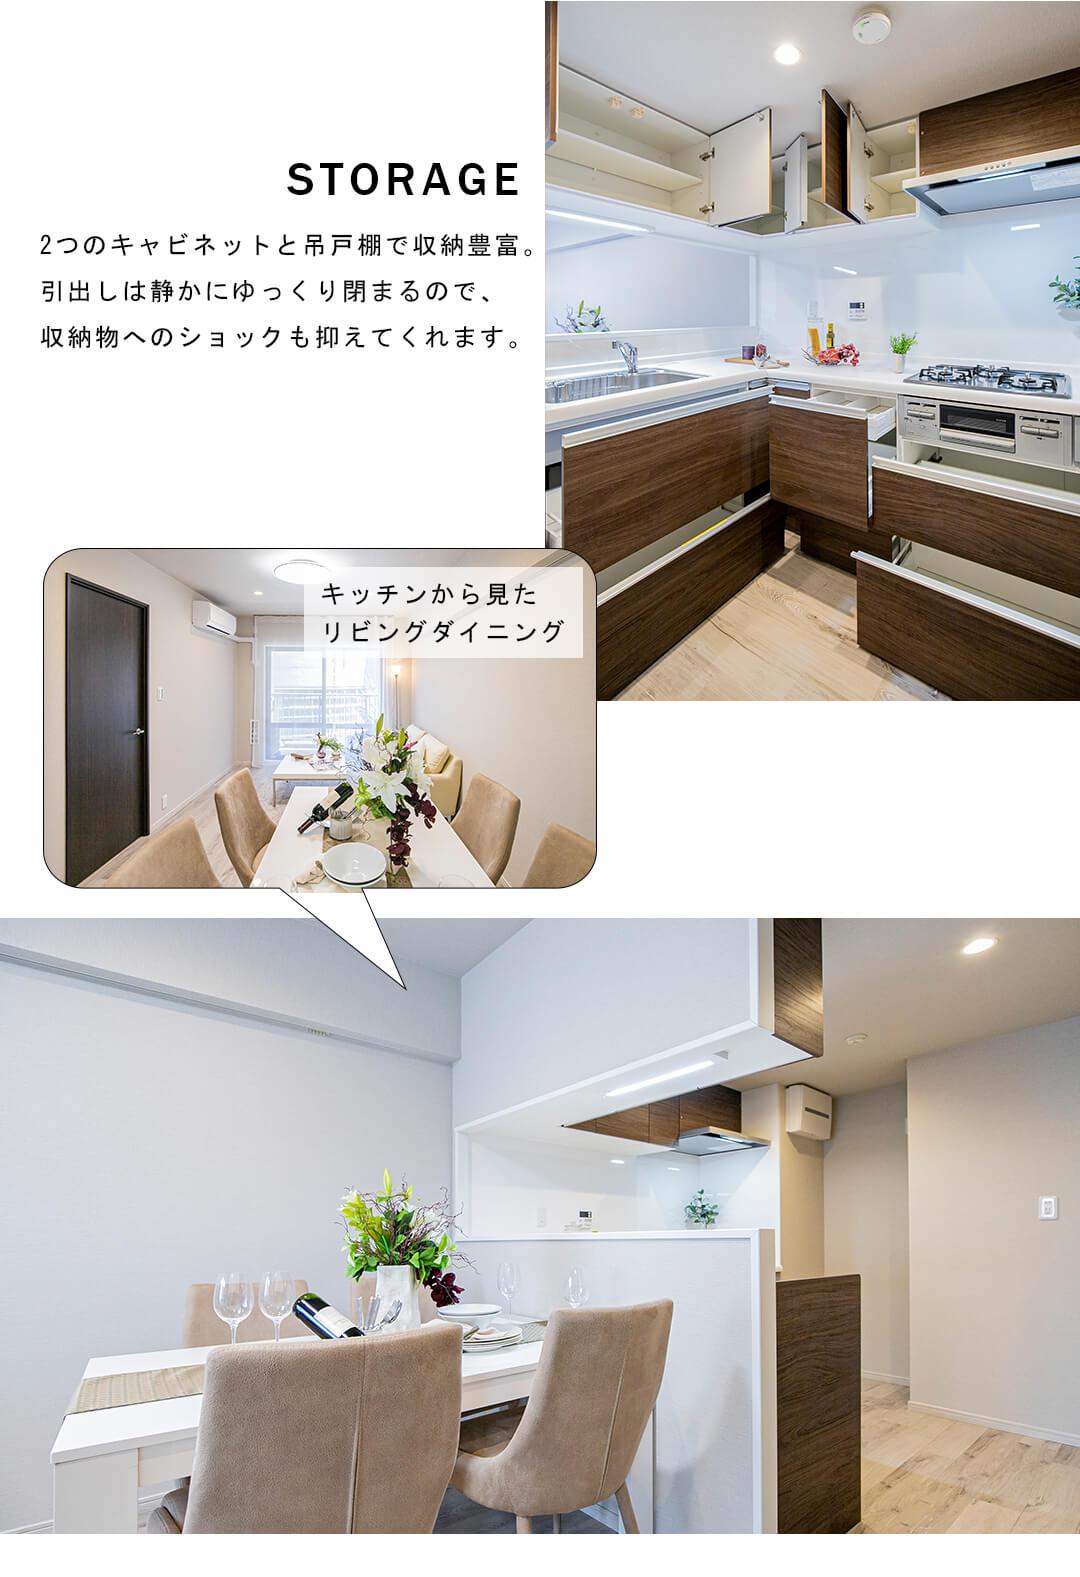 メゾンエクレーレ新宿西戸山のキッチン